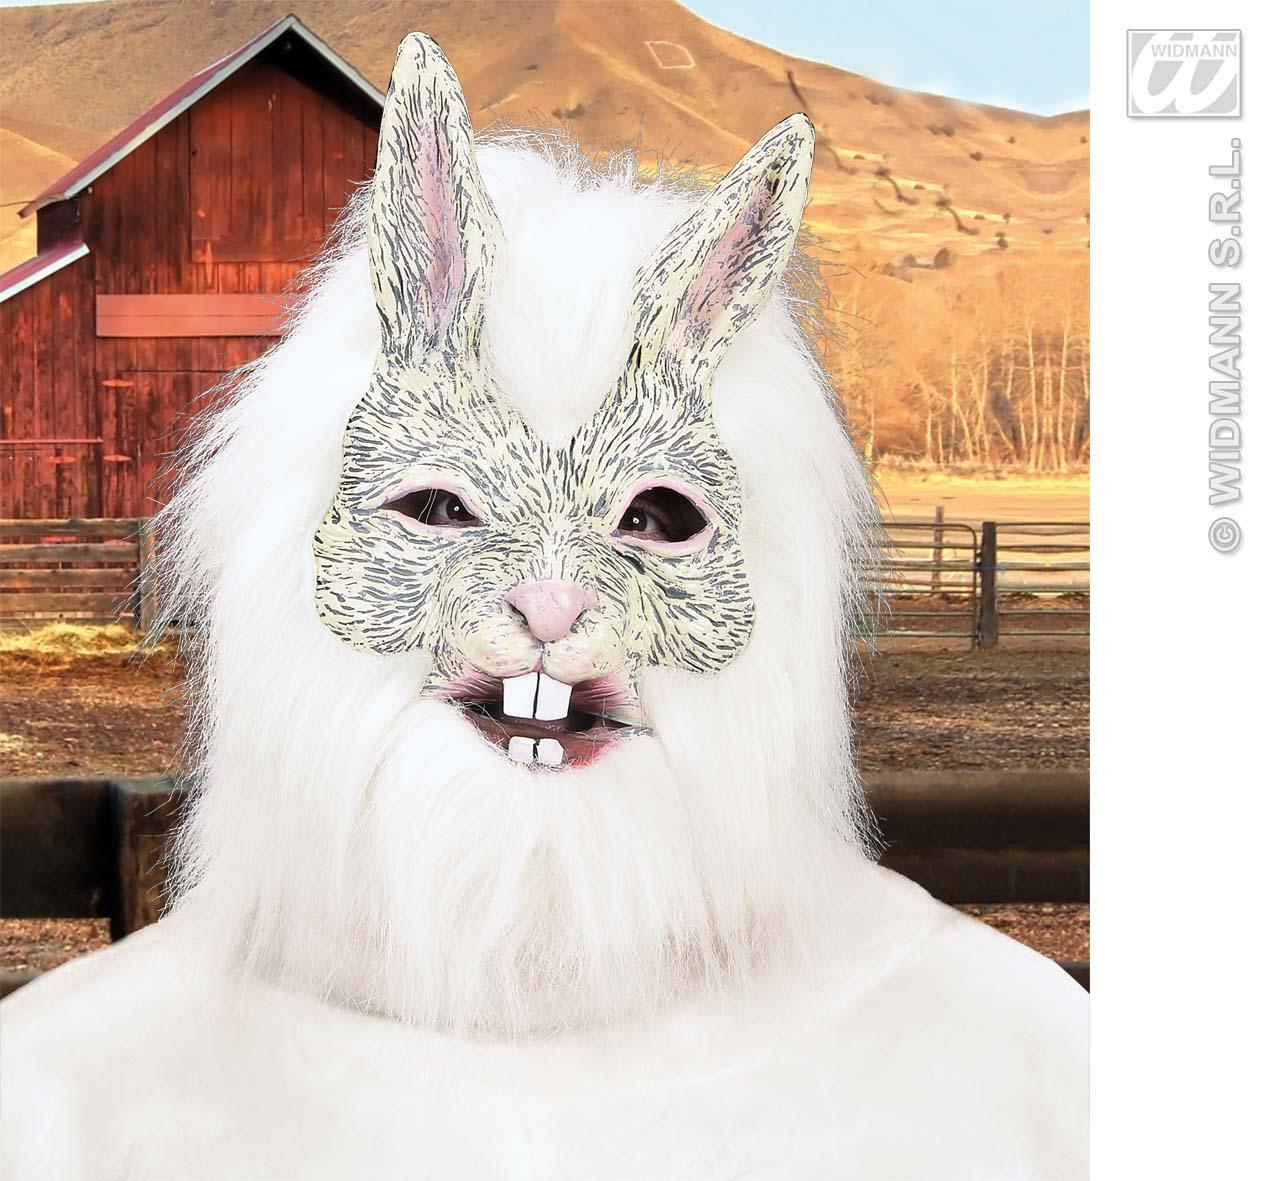 White Rabbit Mask With Hair Wererabbit Halloween Fancy Dress